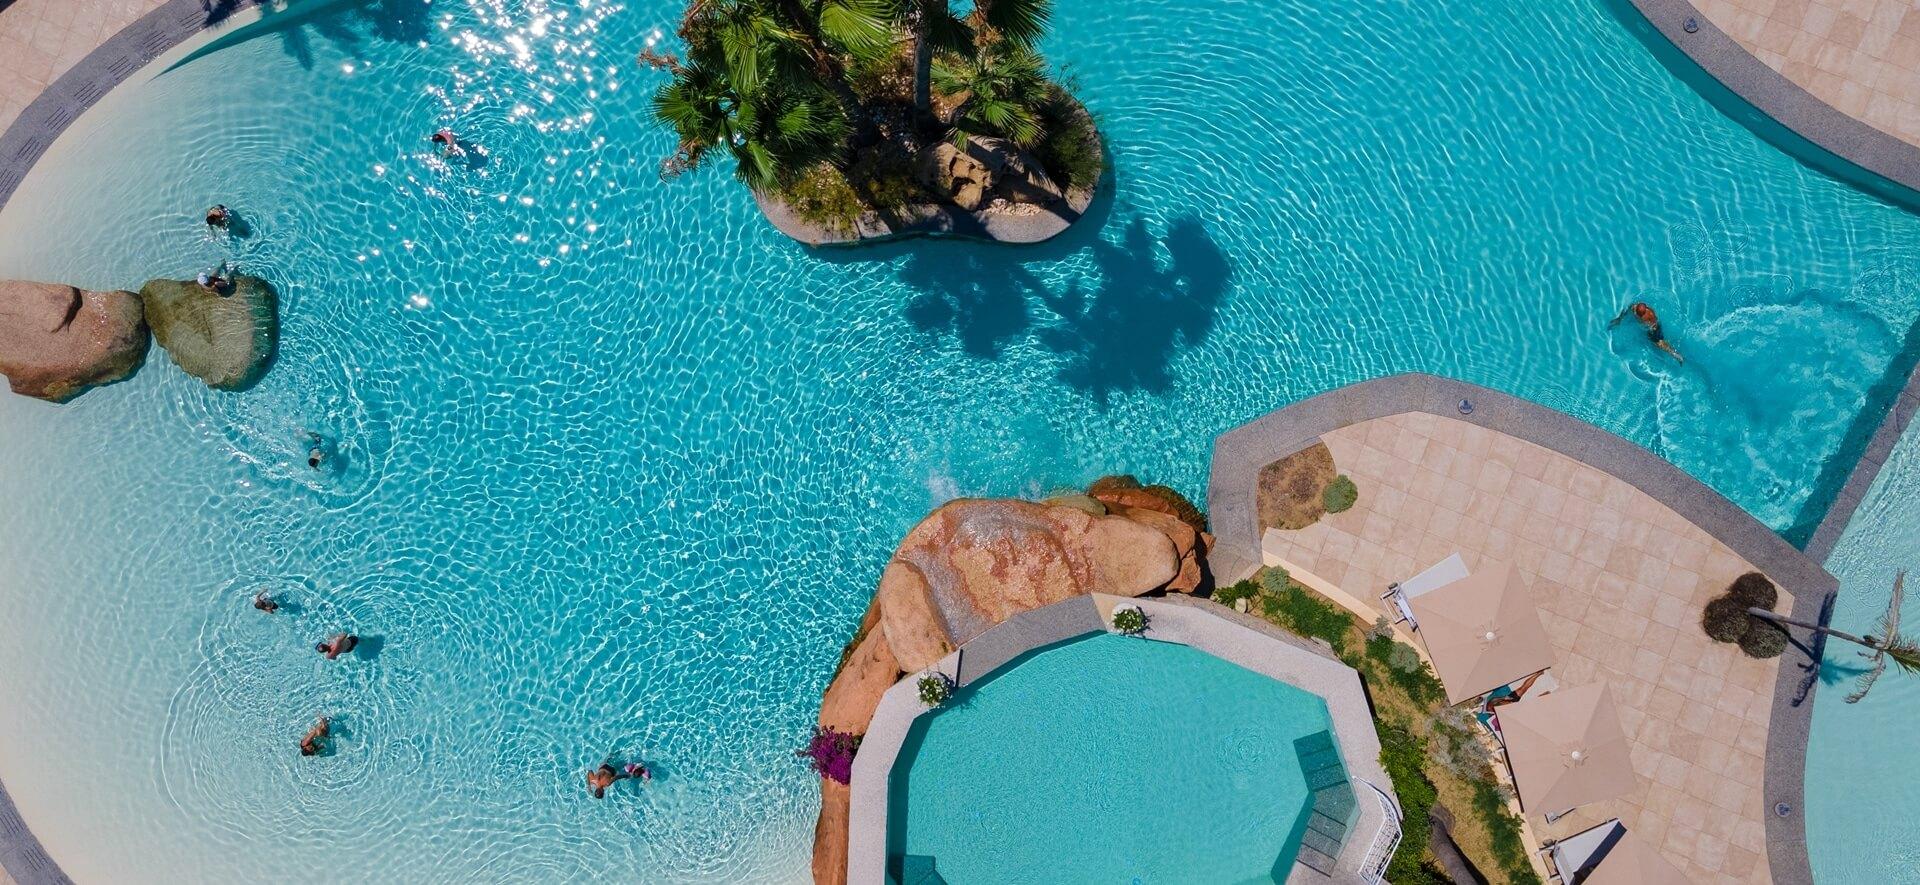 hotel_sul_mare_sardegna_piscina_tropicale_02